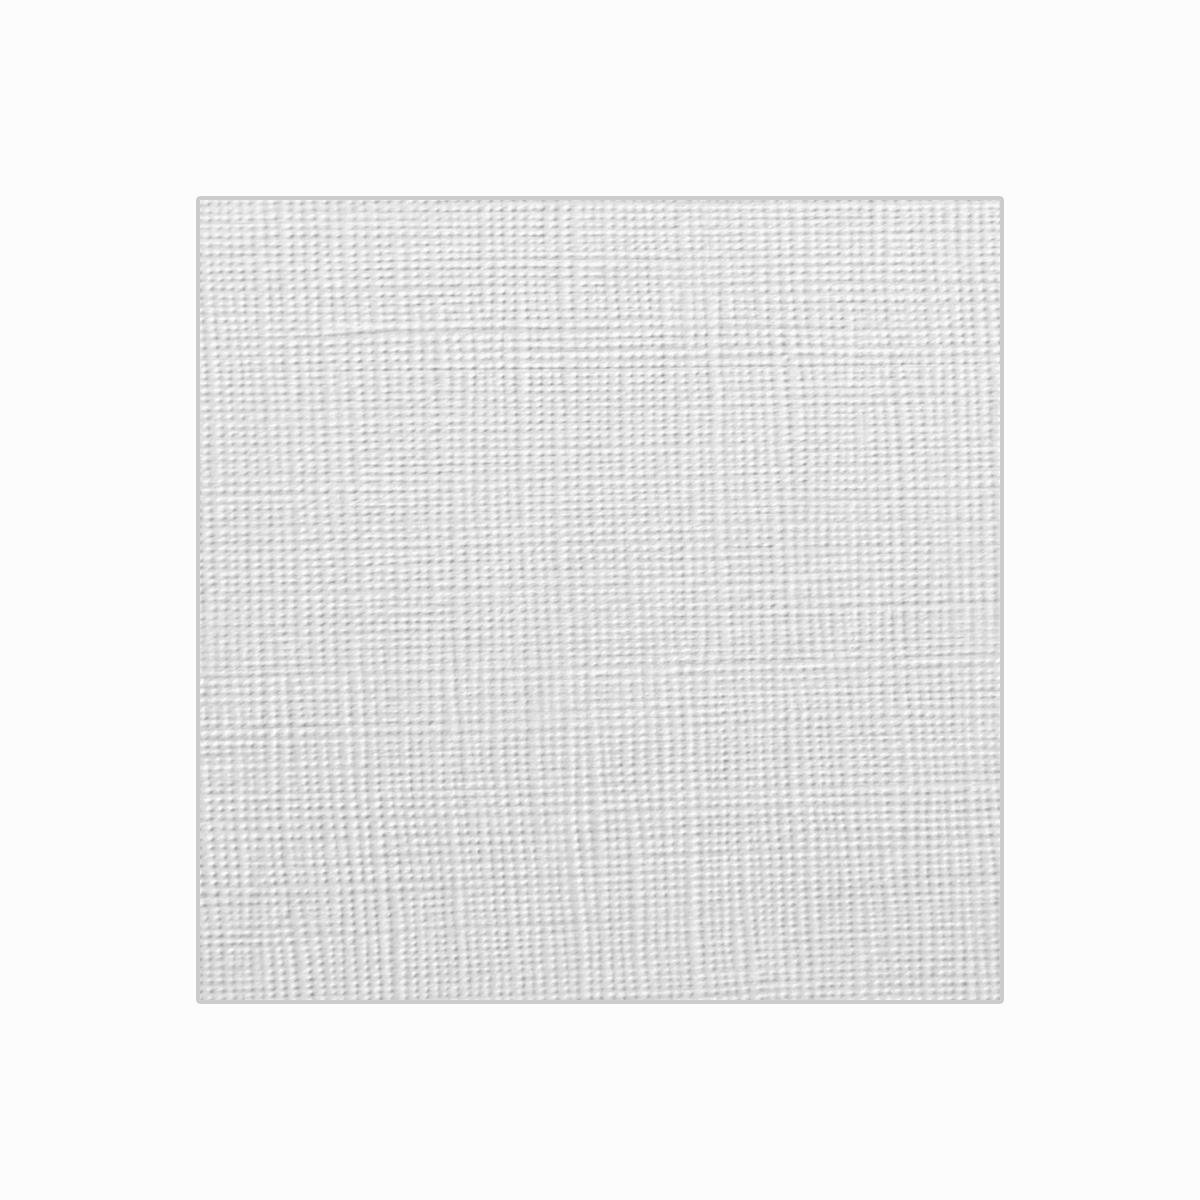 Бумага фактурная Лоза Лен, цвет: белый, 3 листа582215Фактурная бумага для скрапбукинга Лоза Лен позволит создать красивый альбом, фоторамку или открытку ручной работы, оформить подарок или аппликацию. Набор включает в себя 3 листа из плотной бумаги.Скрапбукинг - это хобби, которое способно приносить массу приятных эмоций не только человеку, который этим занимается, но и его близким, друзьям, родным. Это невероятно увлекательное занятие, которое поможет вам сохранить наиболее памятные и яркие моменты вашей жизни, а также интересно оформить интерьер дома. Плотность бумаги: 200 г/м2.